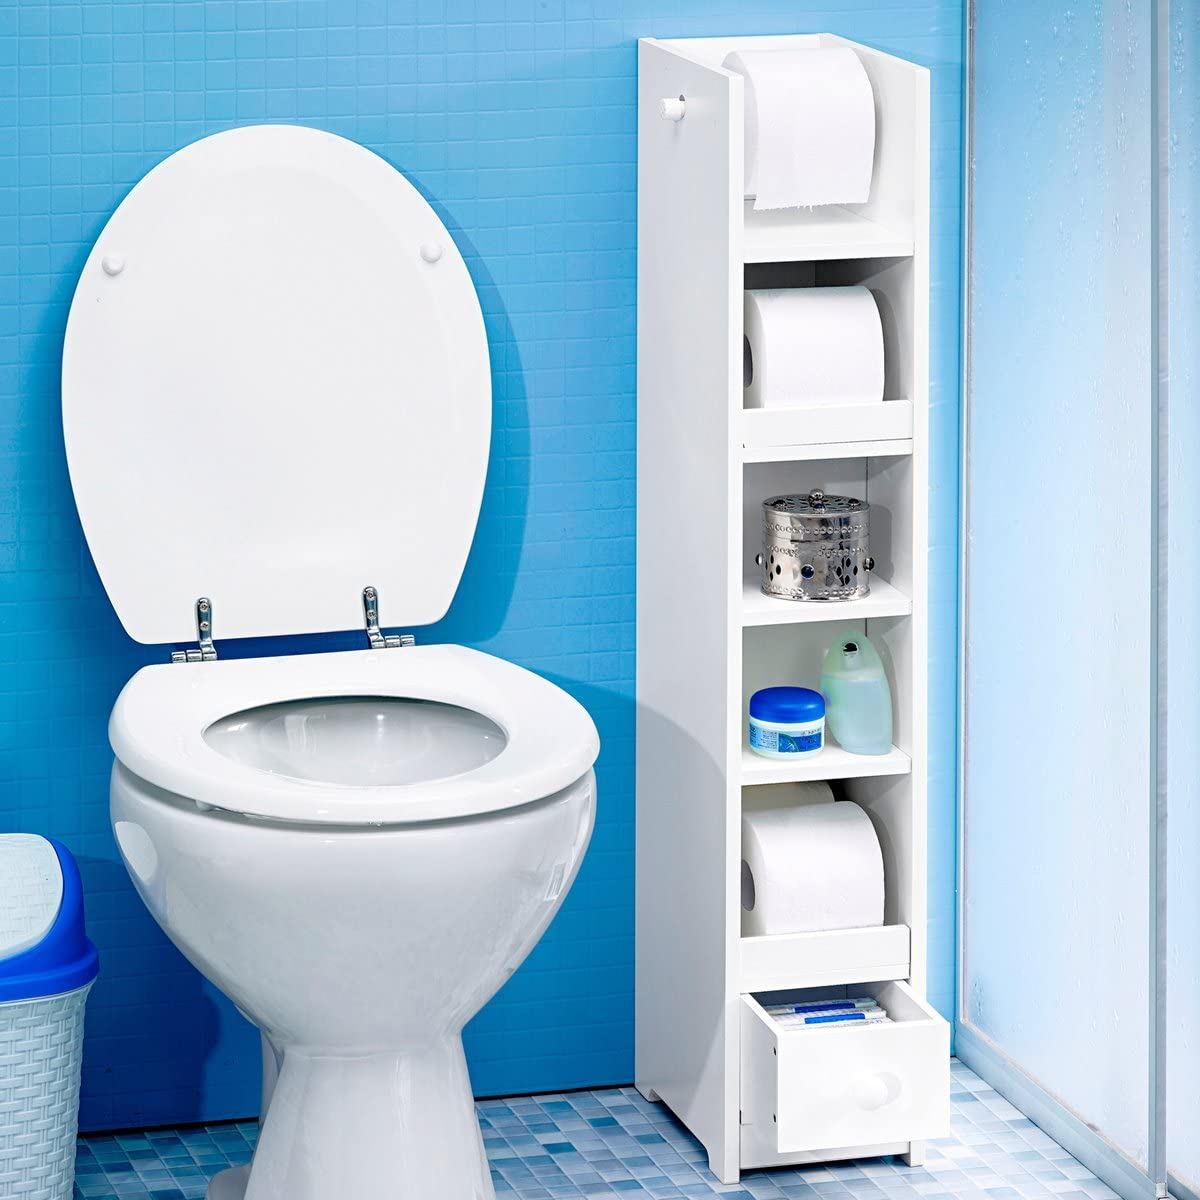 16,5 x 25 x 91 cm WC-Papier Regal Ablage Badregal f/ür Toilettenpapier Badezimmer Toilette wei/ß genialo WC-Papier-Regal MDF